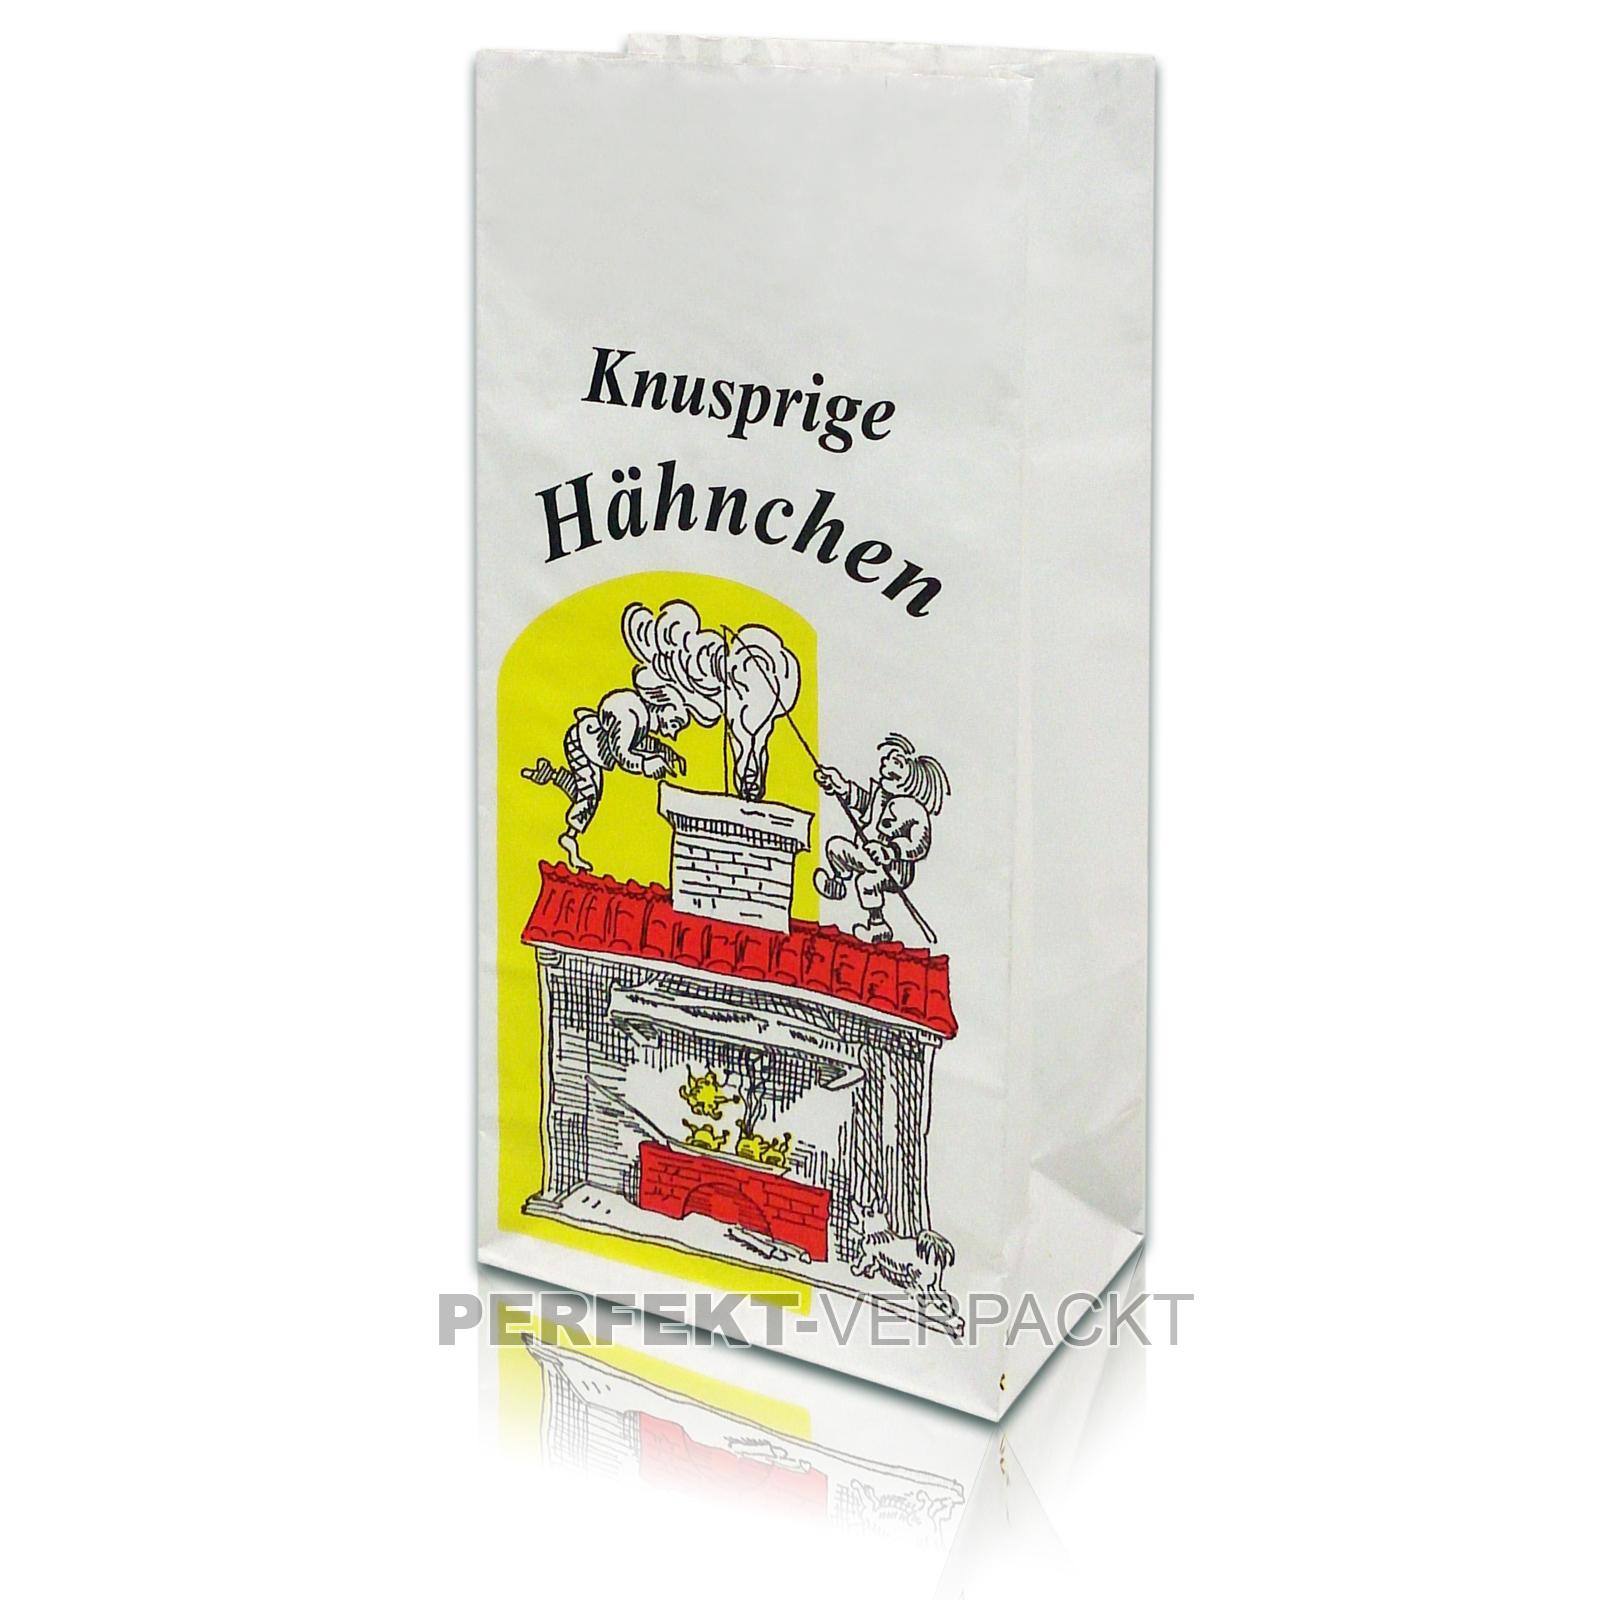 """1000 Warmhaltebeutel 1/1 Hähnchen 3-lagig """"Knusprige Hähnchen"""""""